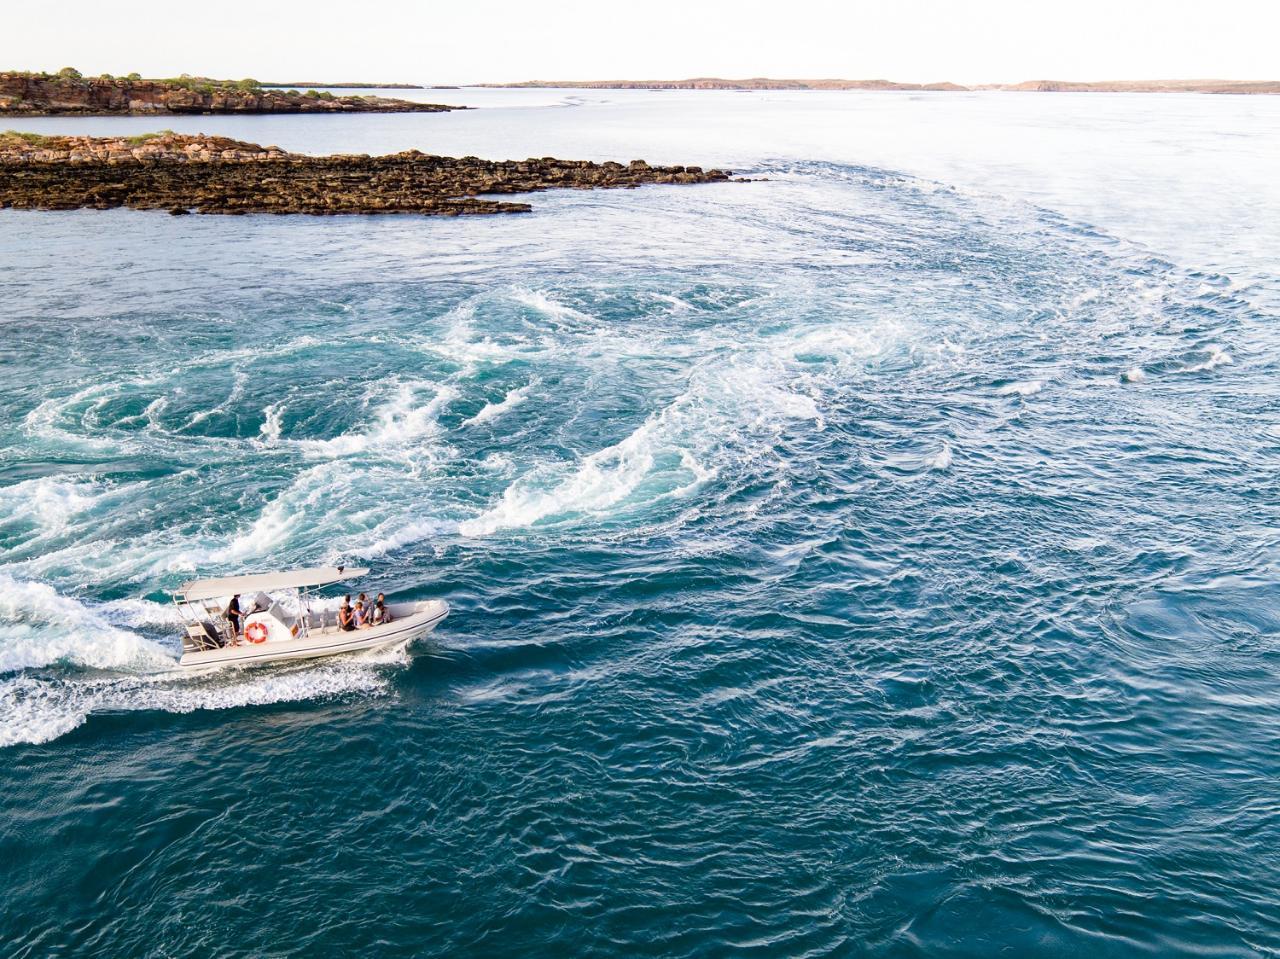 Giant Tides Cygnet Bay Scenic Flight